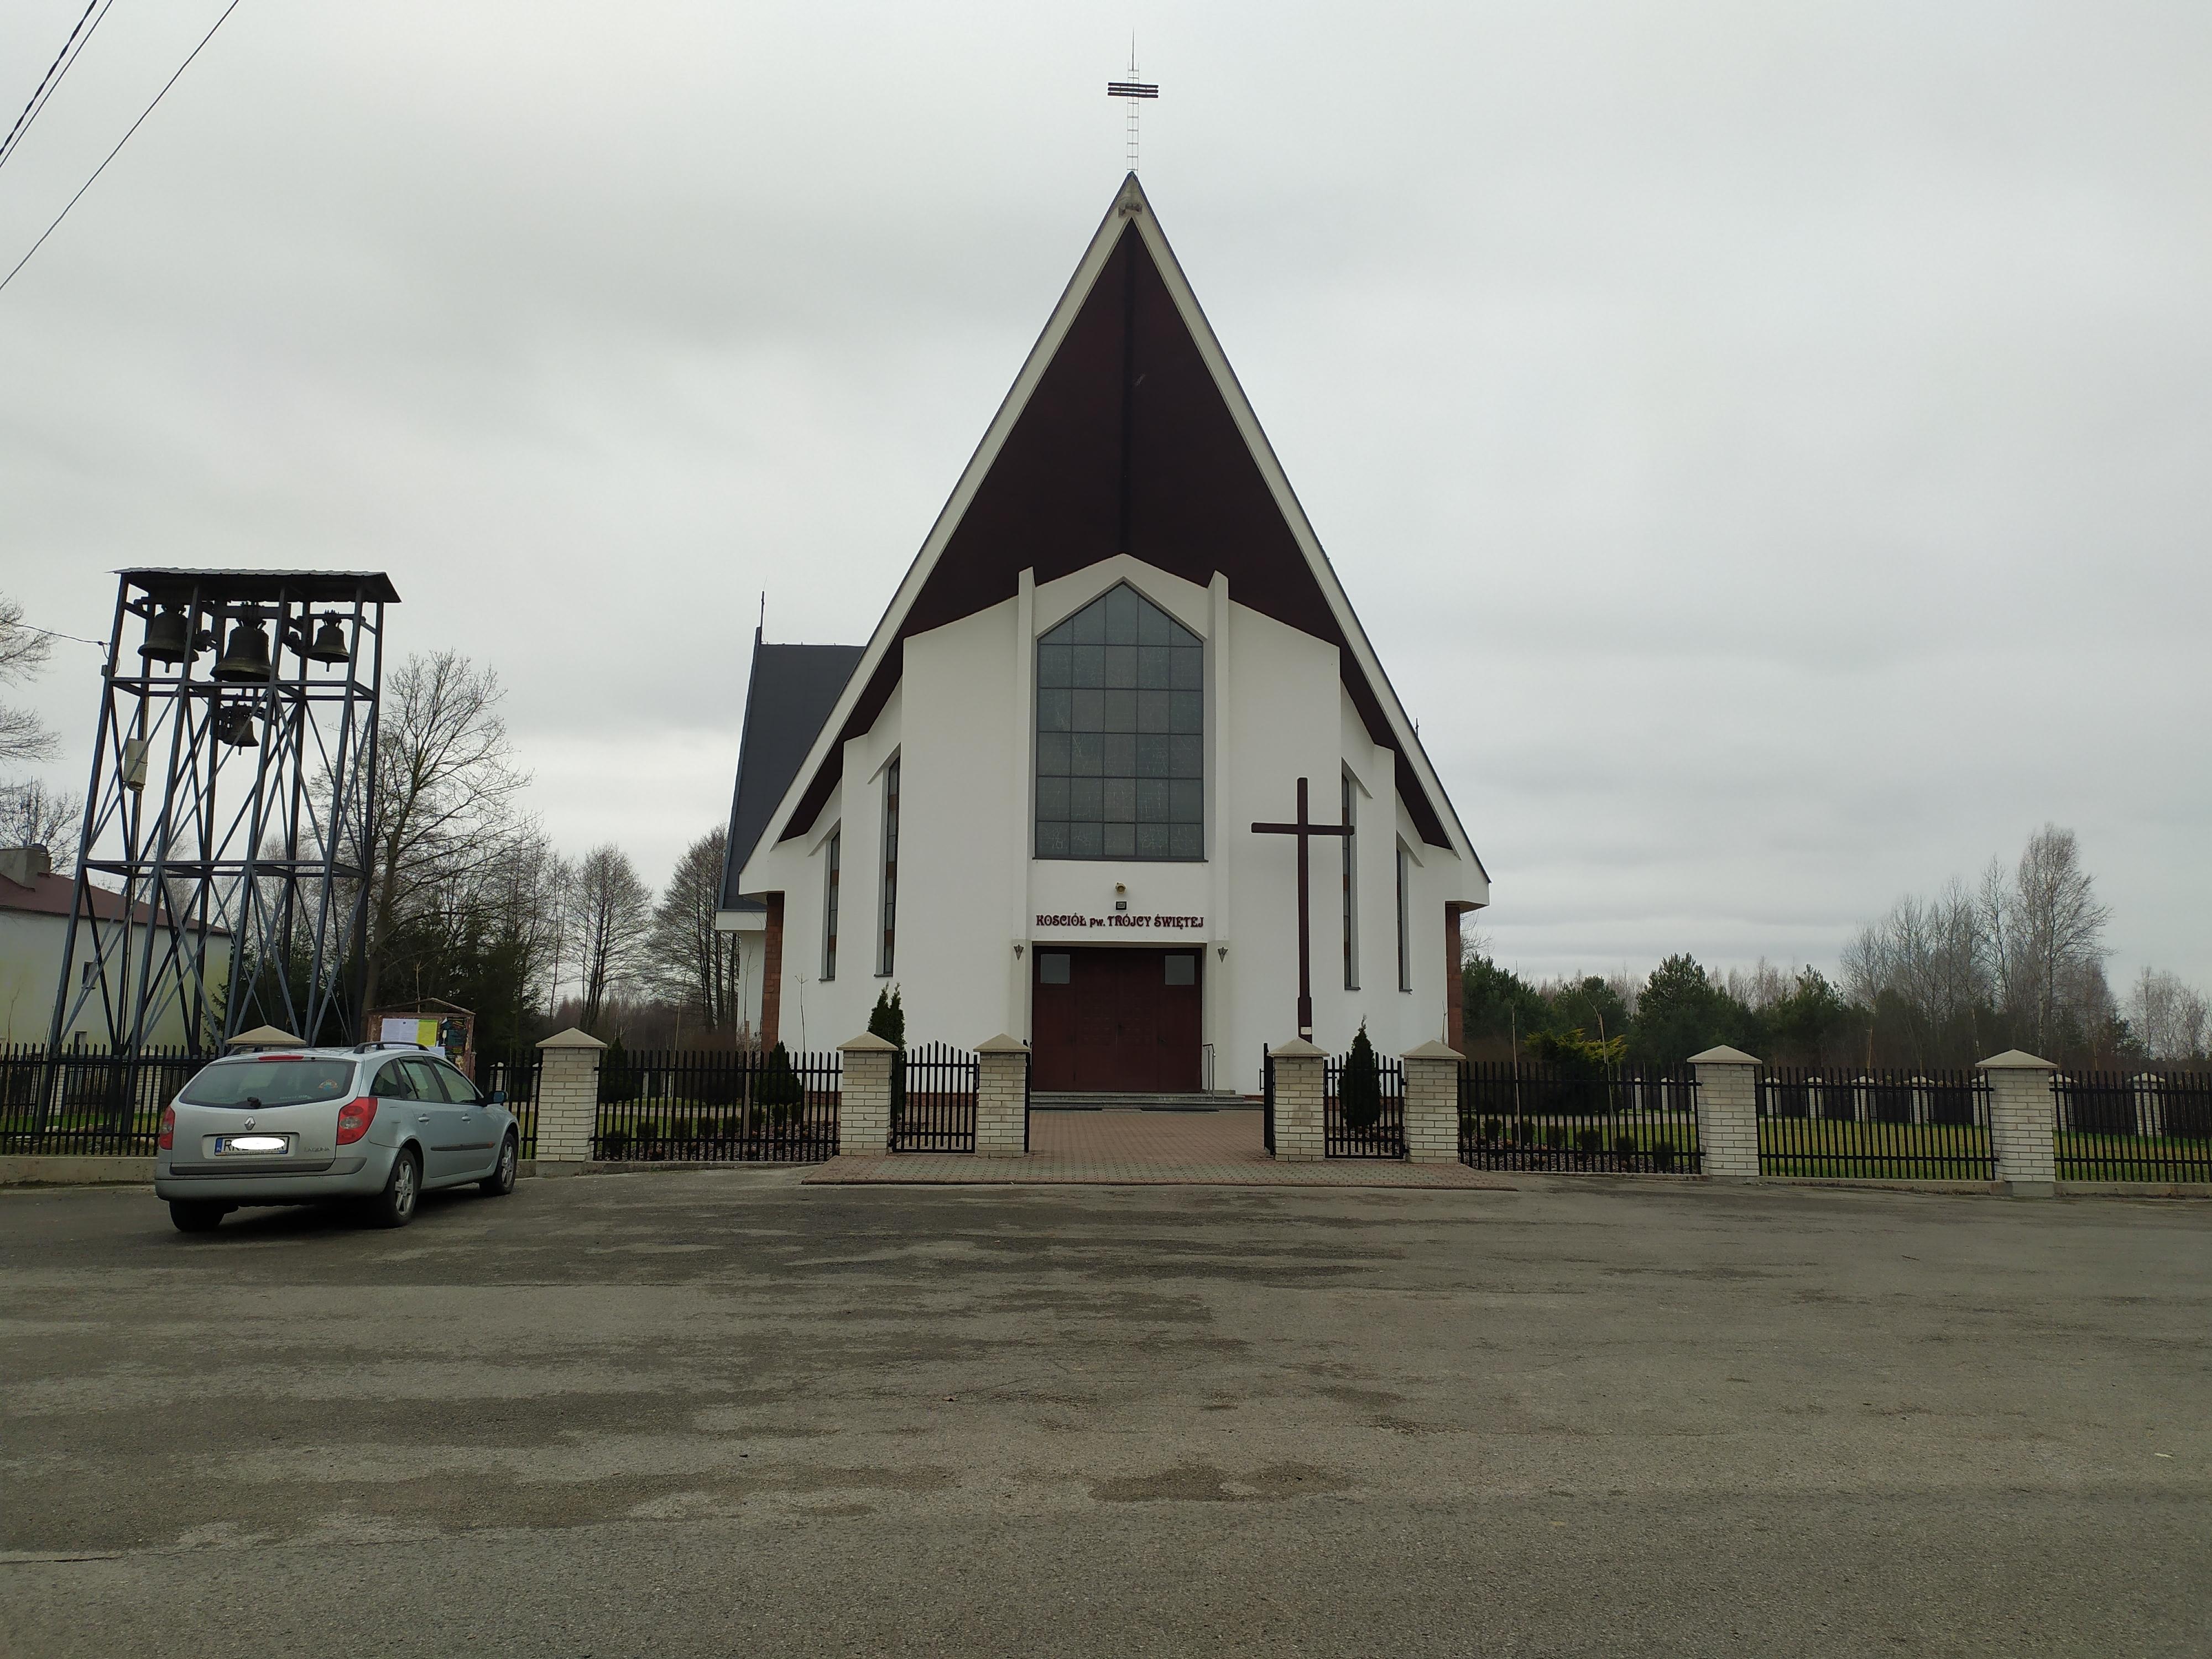 Nowe ogrodzenie kościoła w Mechowcu. Inwestycja kosztowała prawie 40 tysięcy złotych - Zdjęcie główne